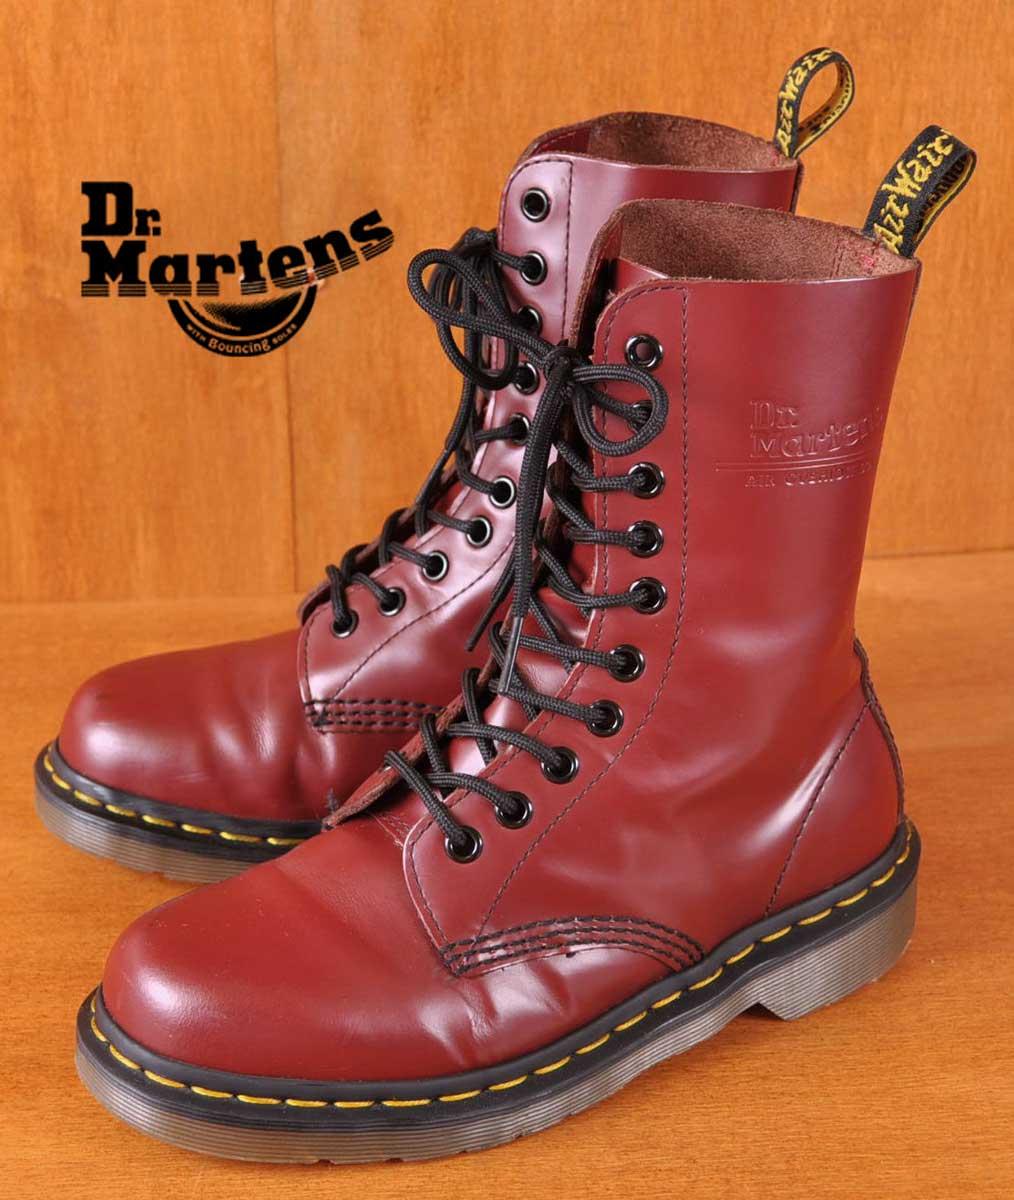 Dr.martens ドクターマーチン / 10ホールブーツ / チェリーレッド レザー / UK4 JPN23.0cm【中古】▽□